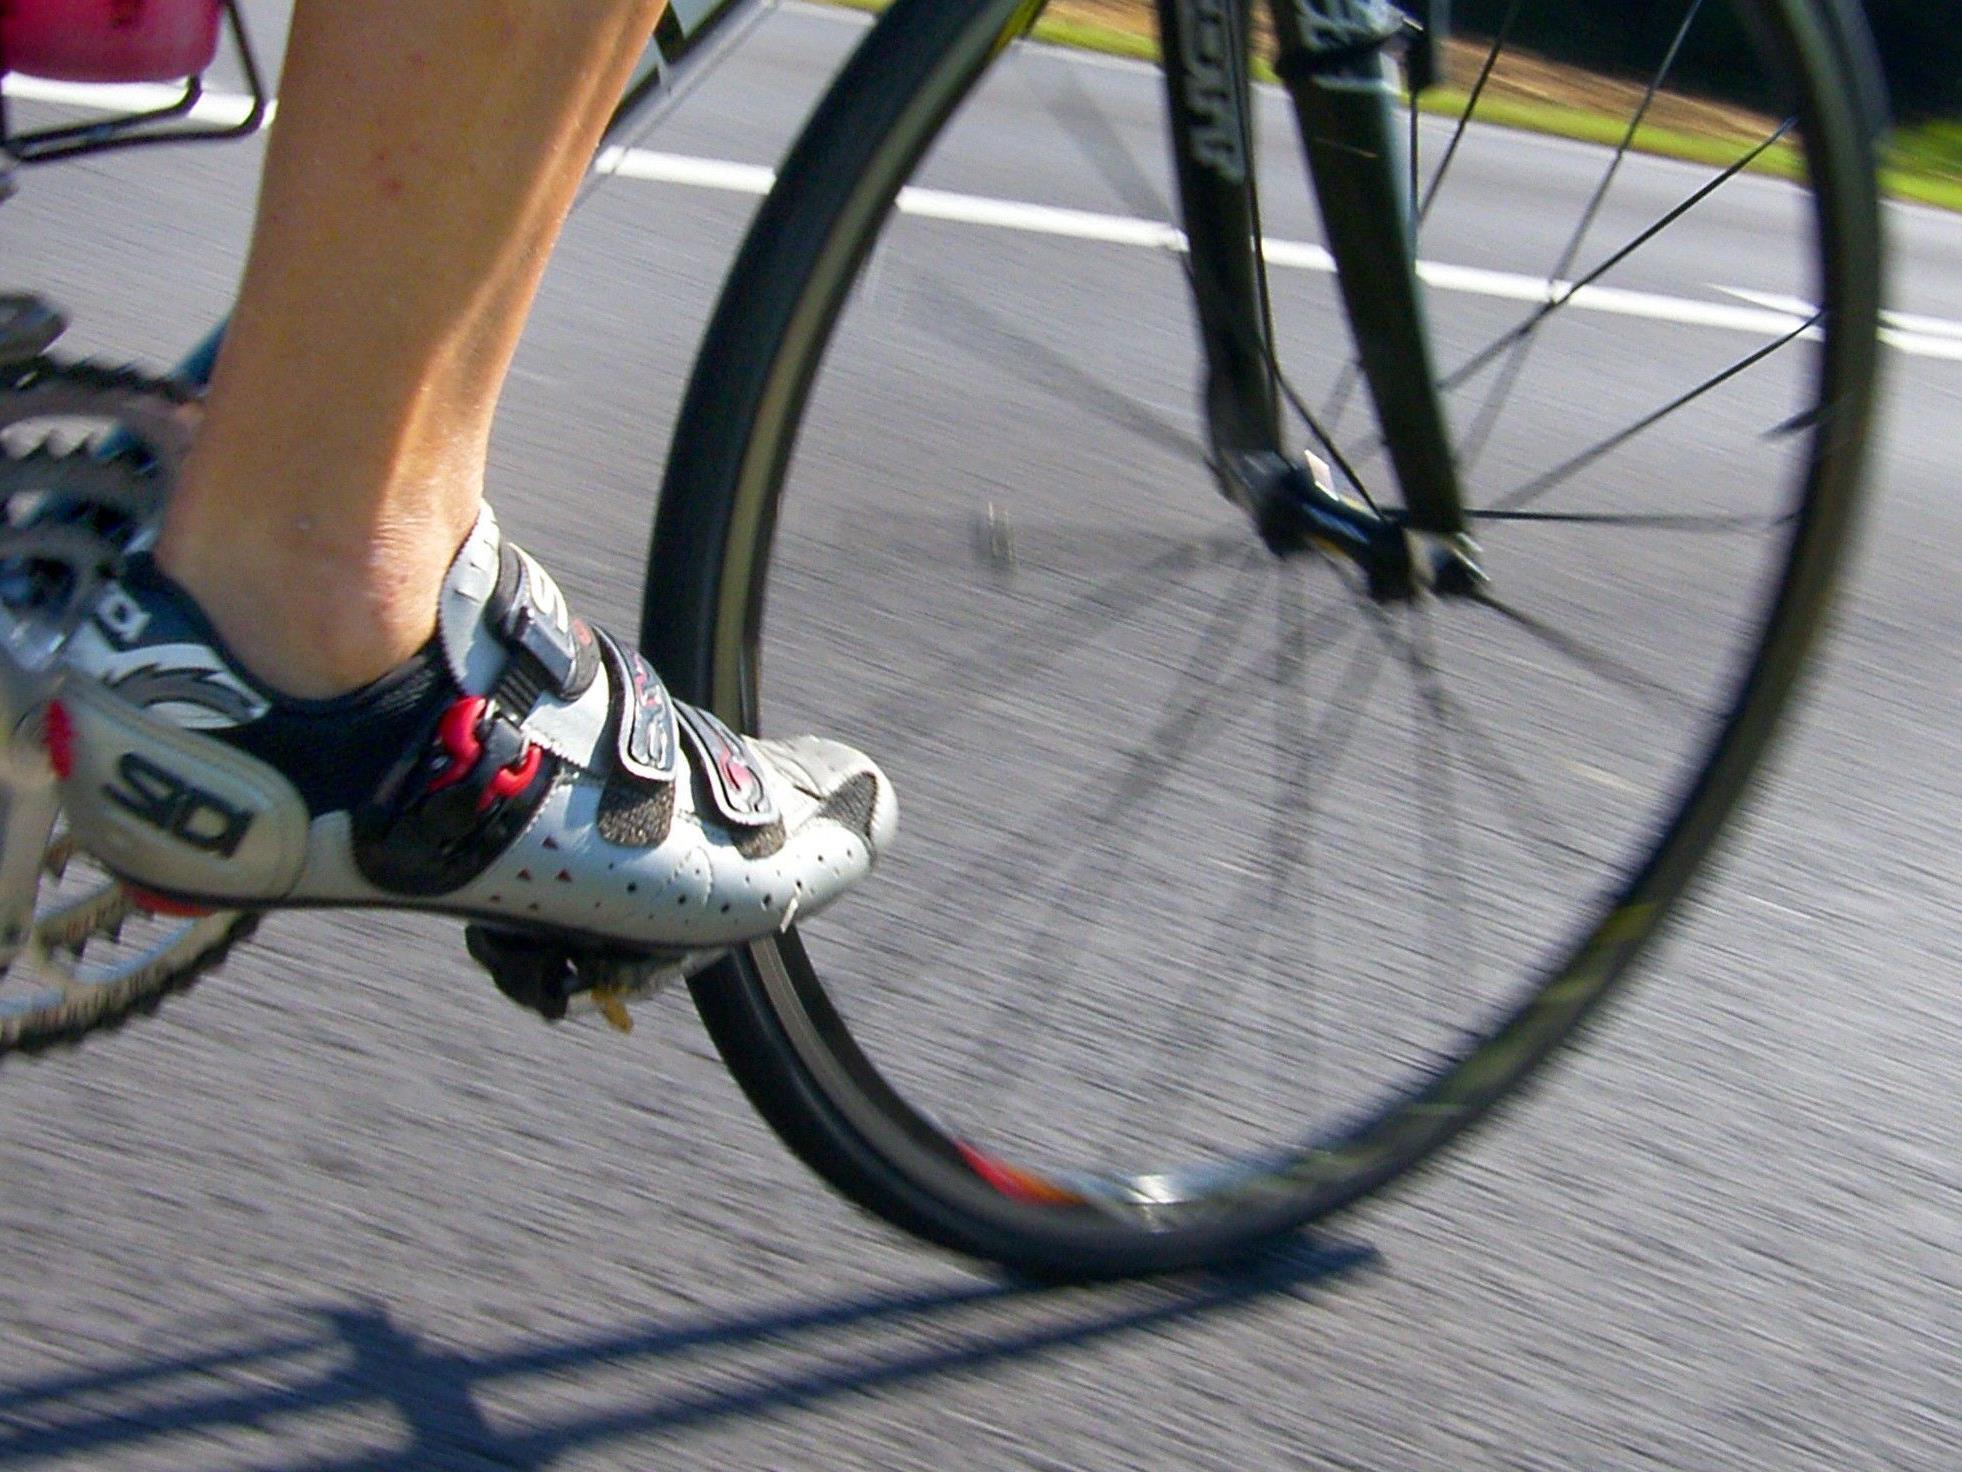 Rennradfahrer schwer verletzt.